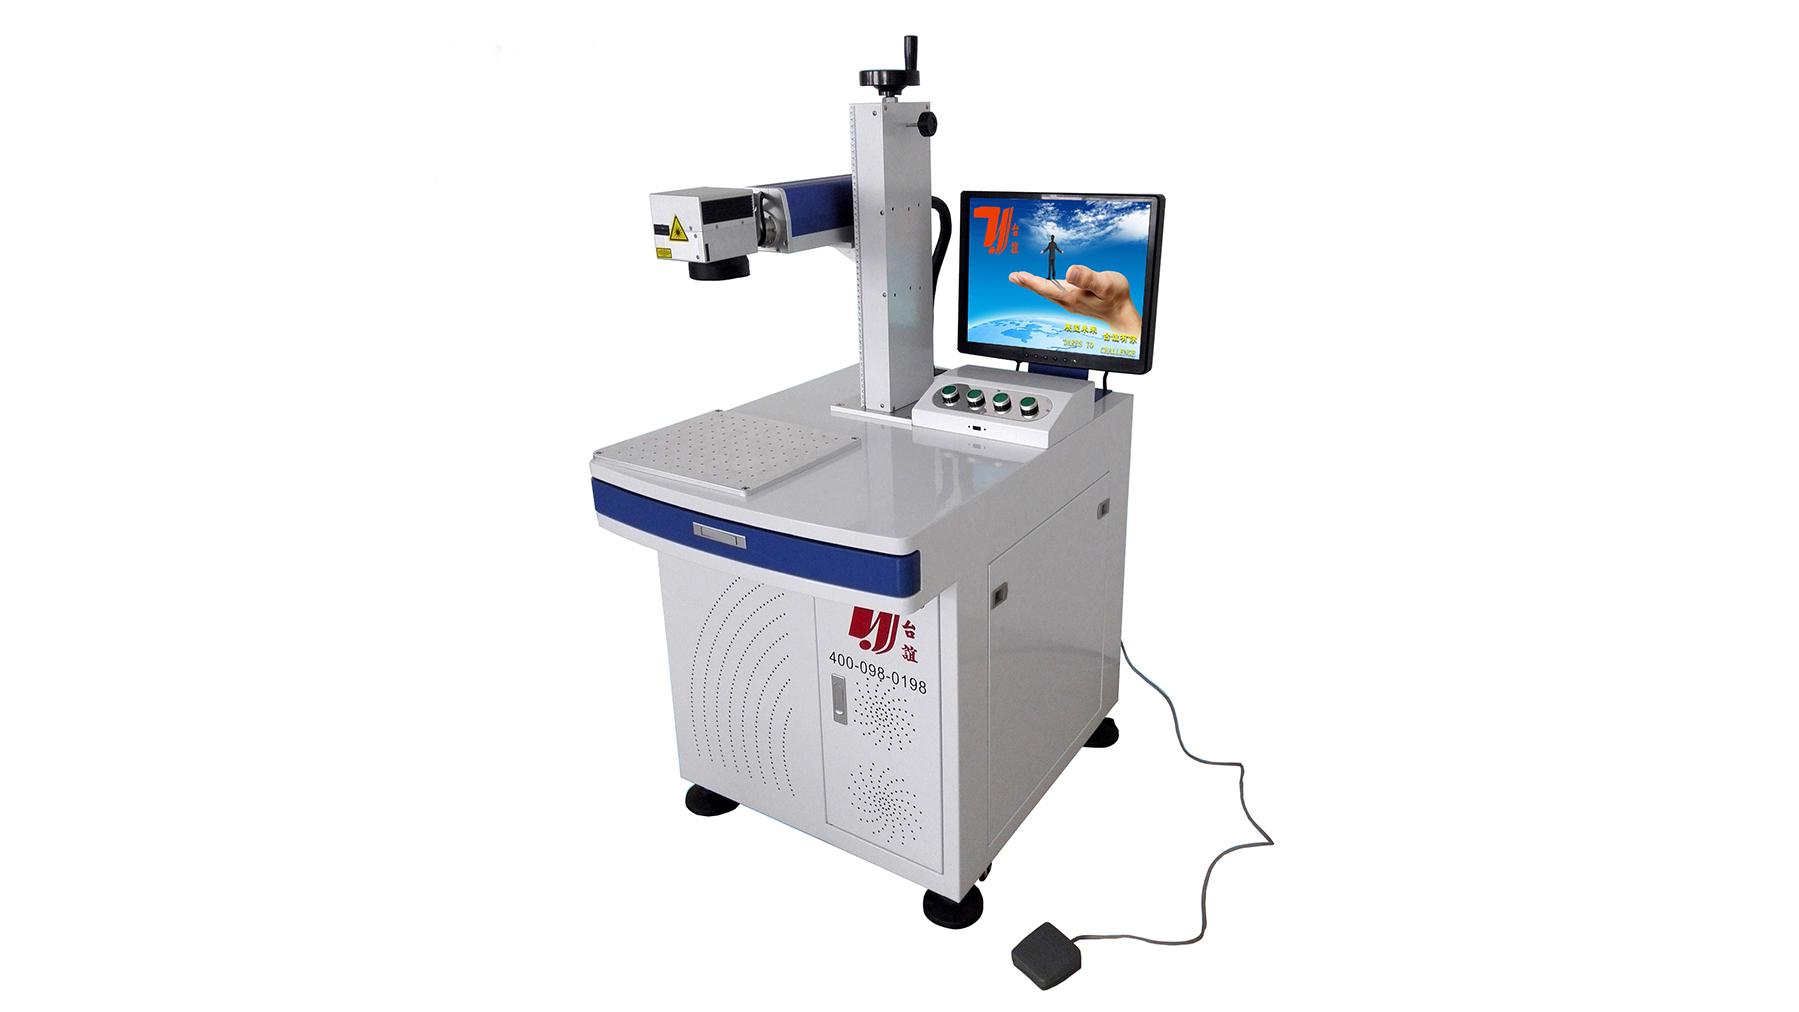 20W 무료 배송 데스크탑 광섬유 레이저 마킹 머신 금속